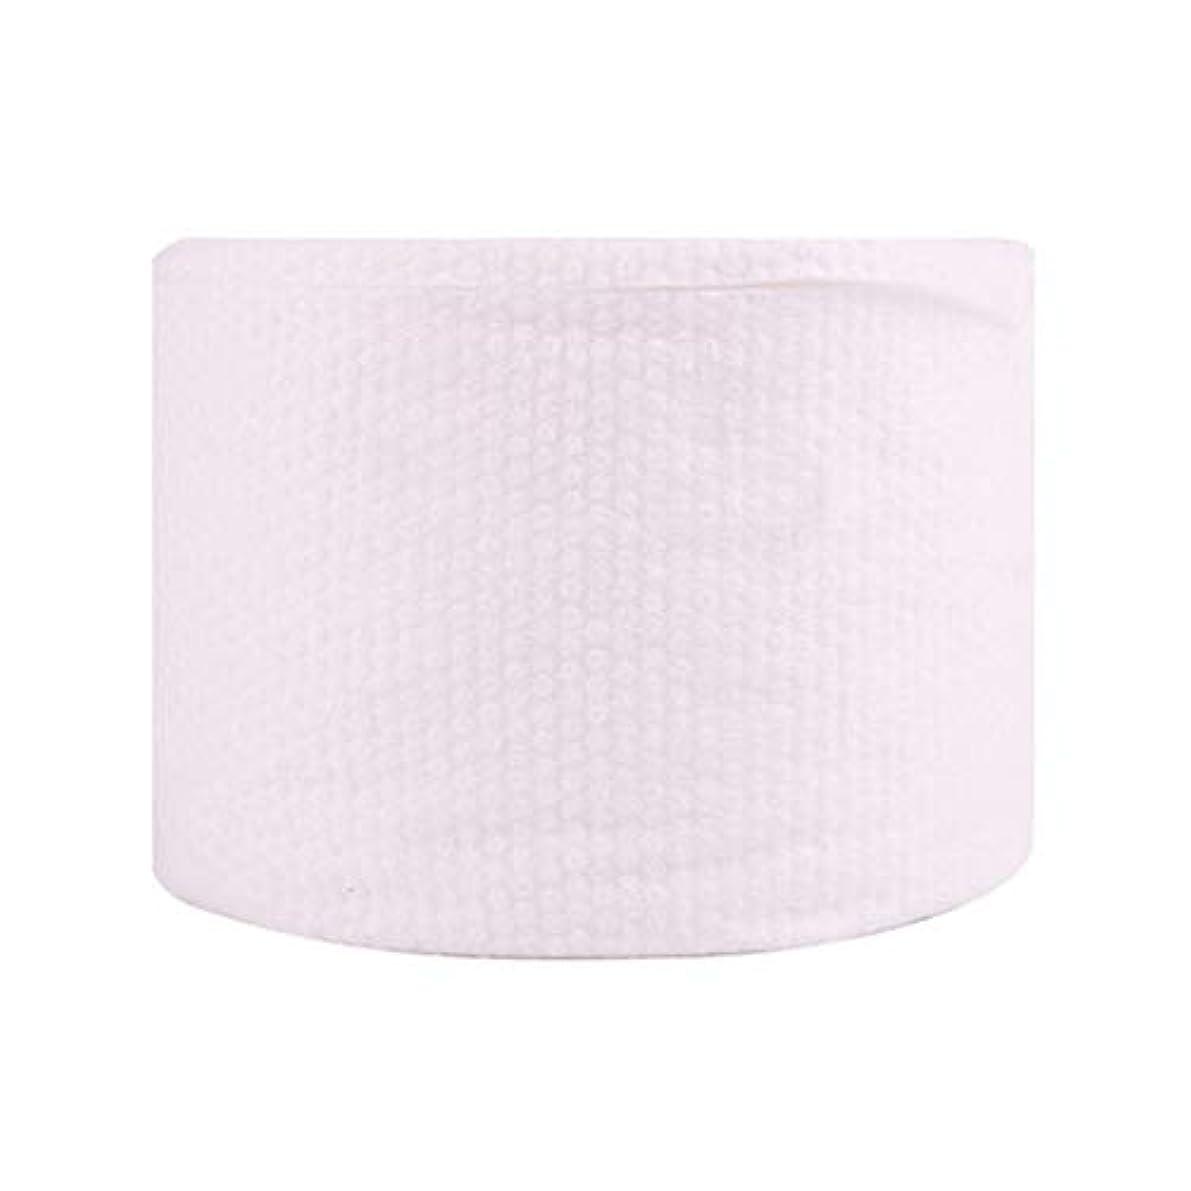 威する非アクティブかび臭いCUHAWUDBA 使い捨てフェイスタオル化粧拭き取り綿パッド メイク落としパッド ソフトパッド化粧品 フェイスマスククレンジングケアフェイシャルナプキン